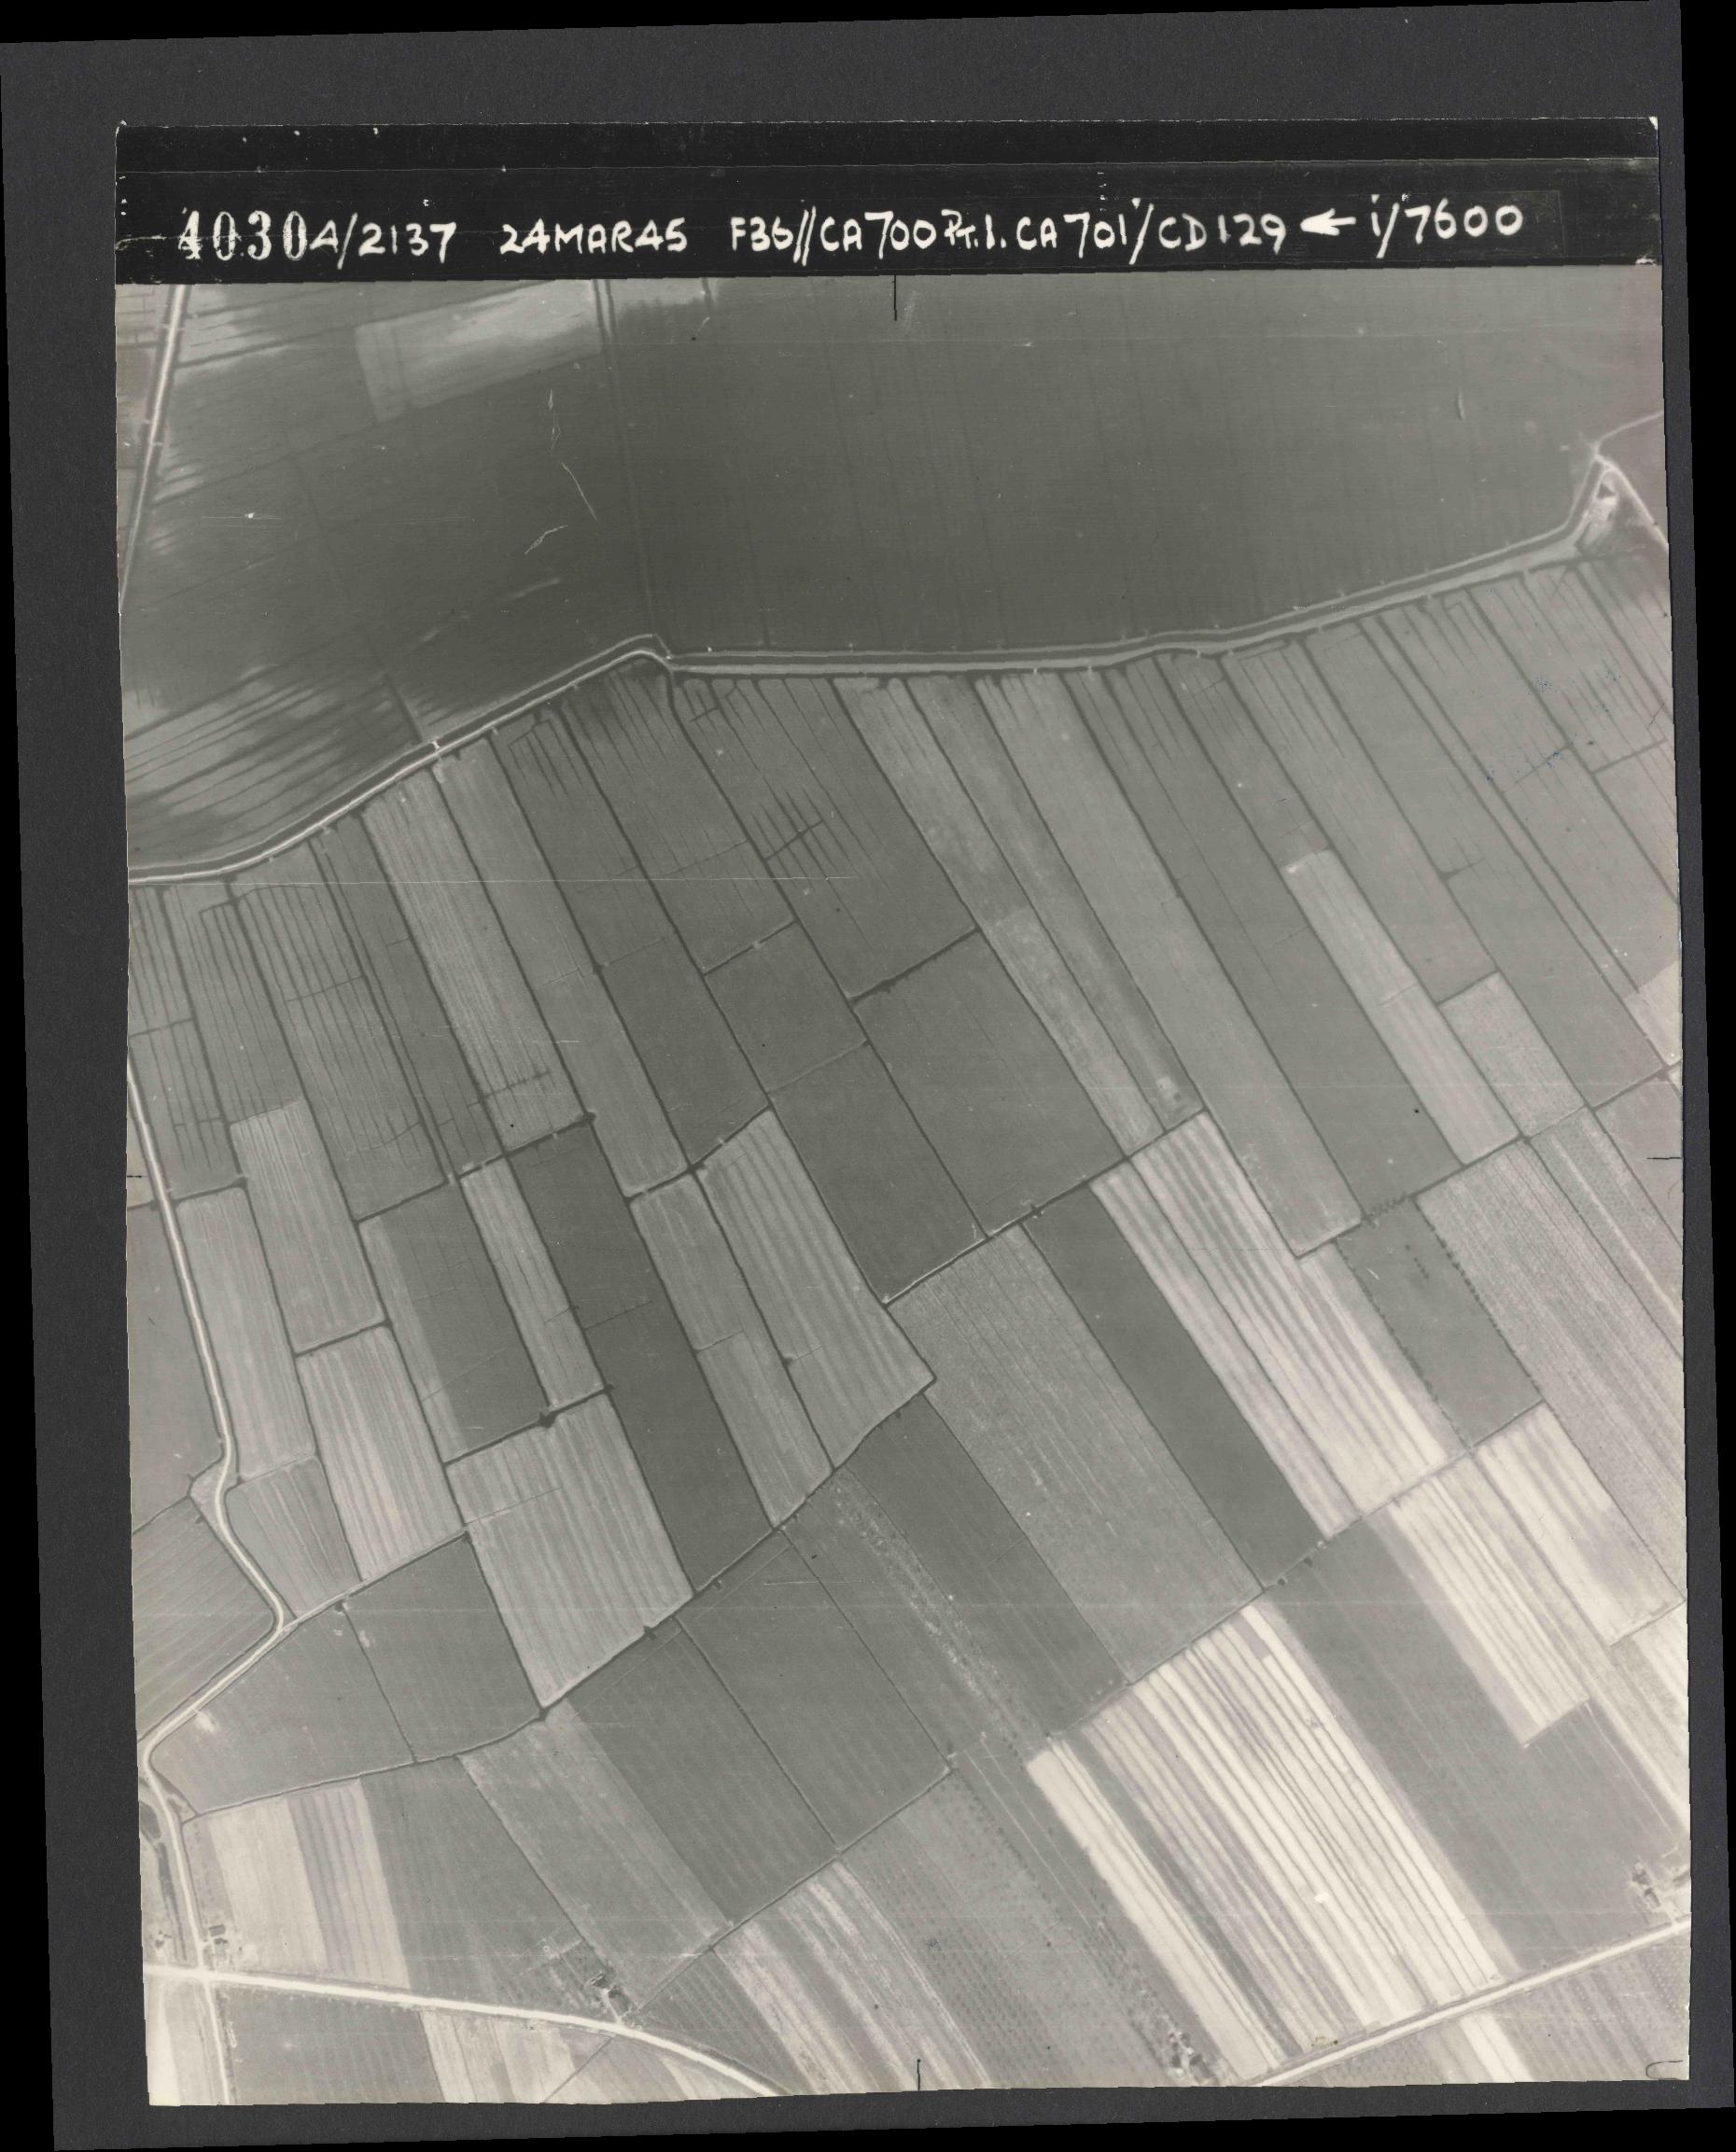 Collection RAF aerial photos 1940-1945 - flight 054, run 01, photo 4030